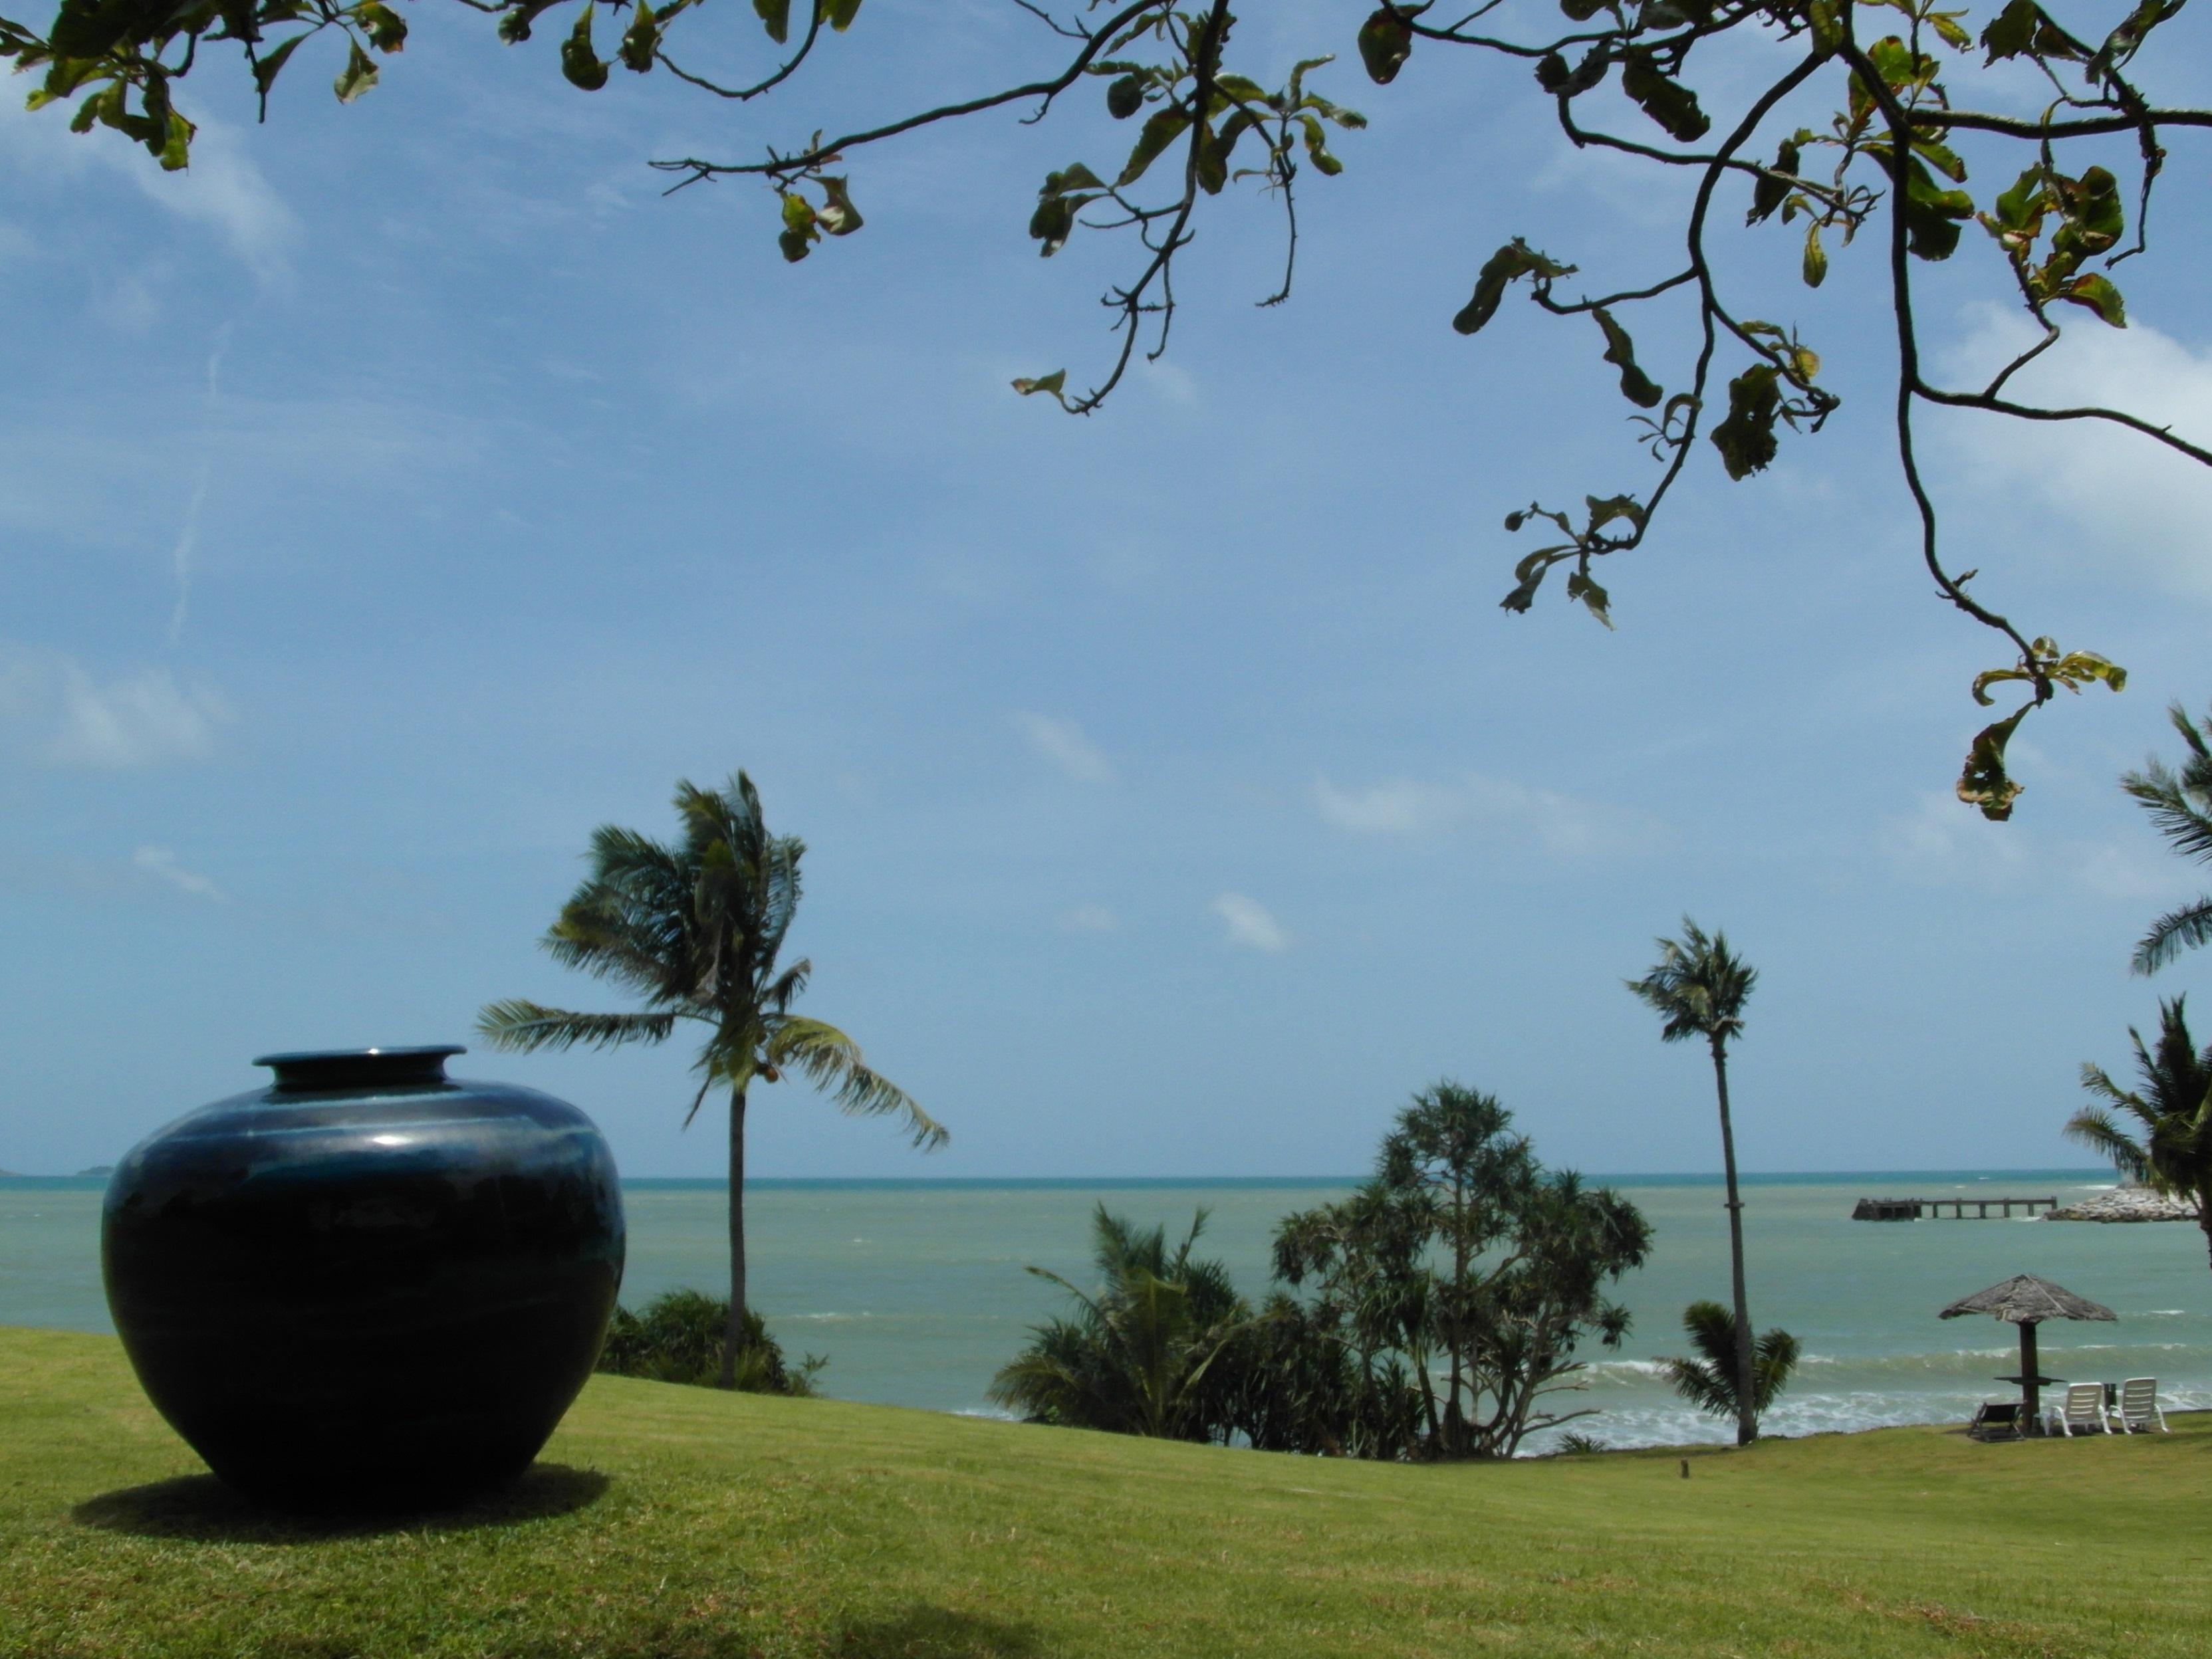 Tropical garden by the ocean photo